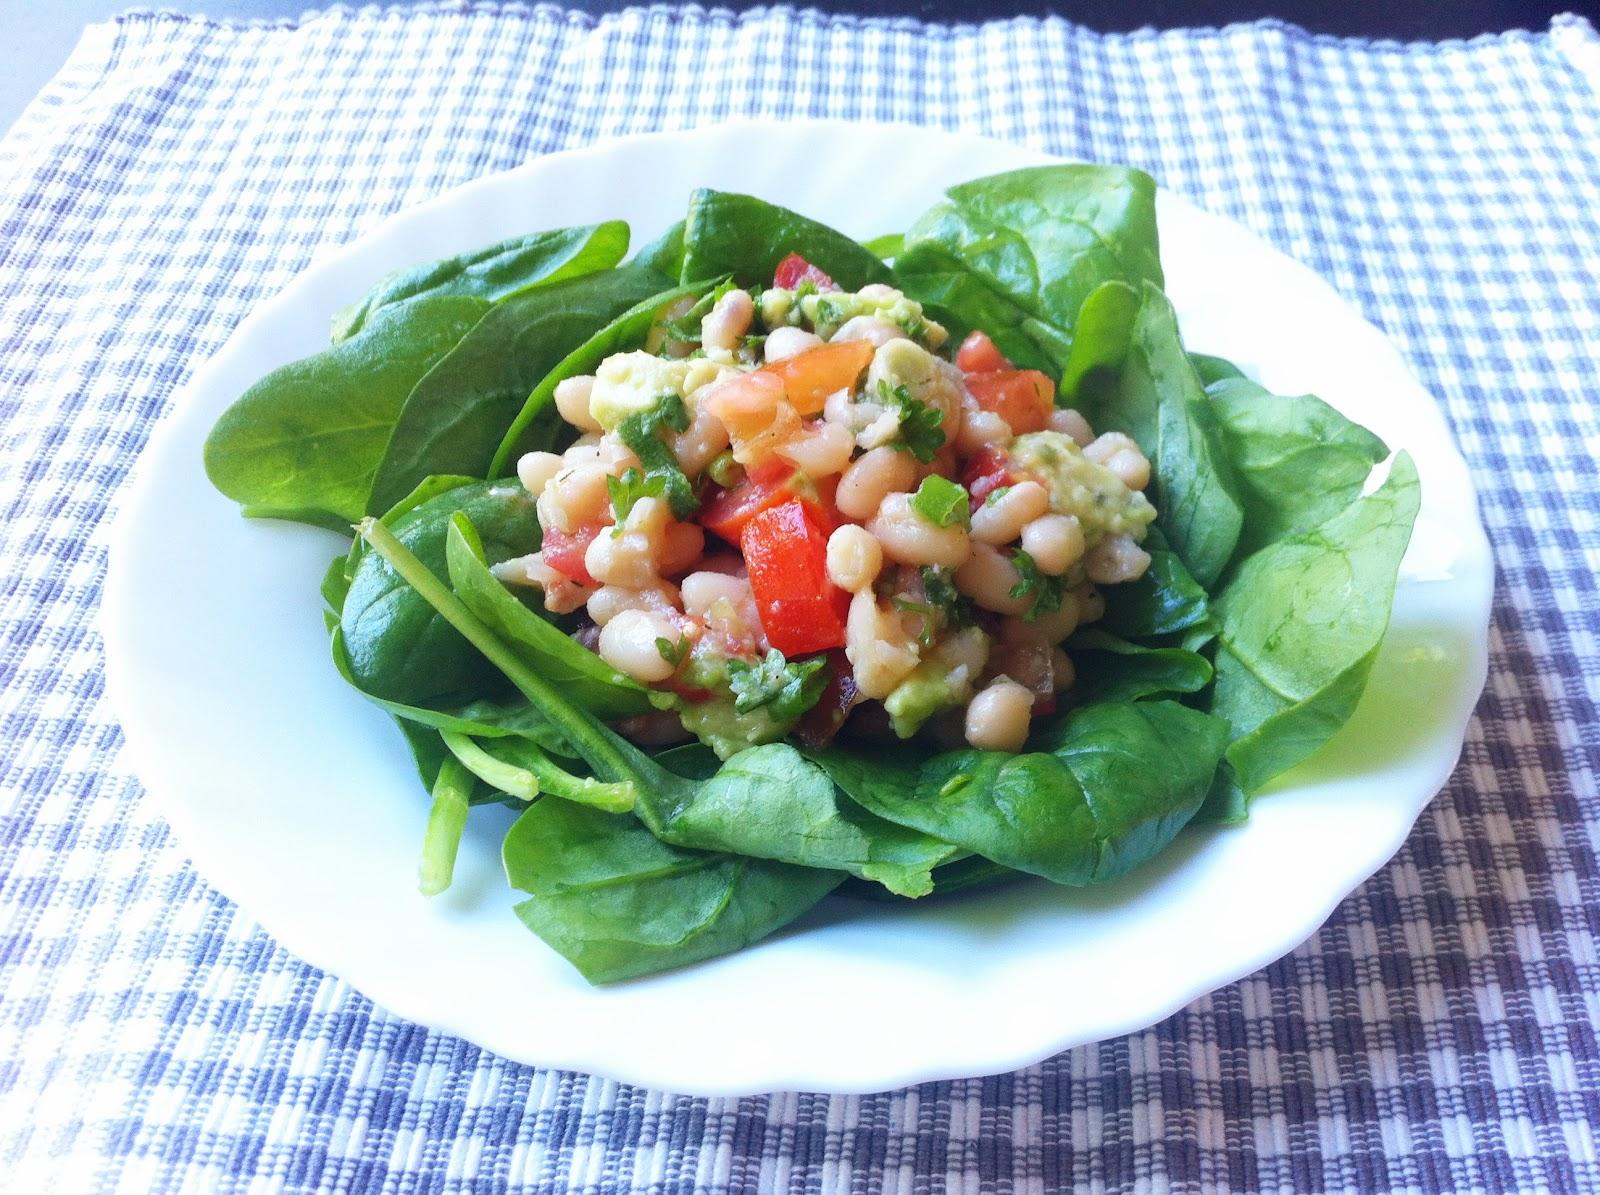 De plantaardige keuken: zomerse witte bonensalade